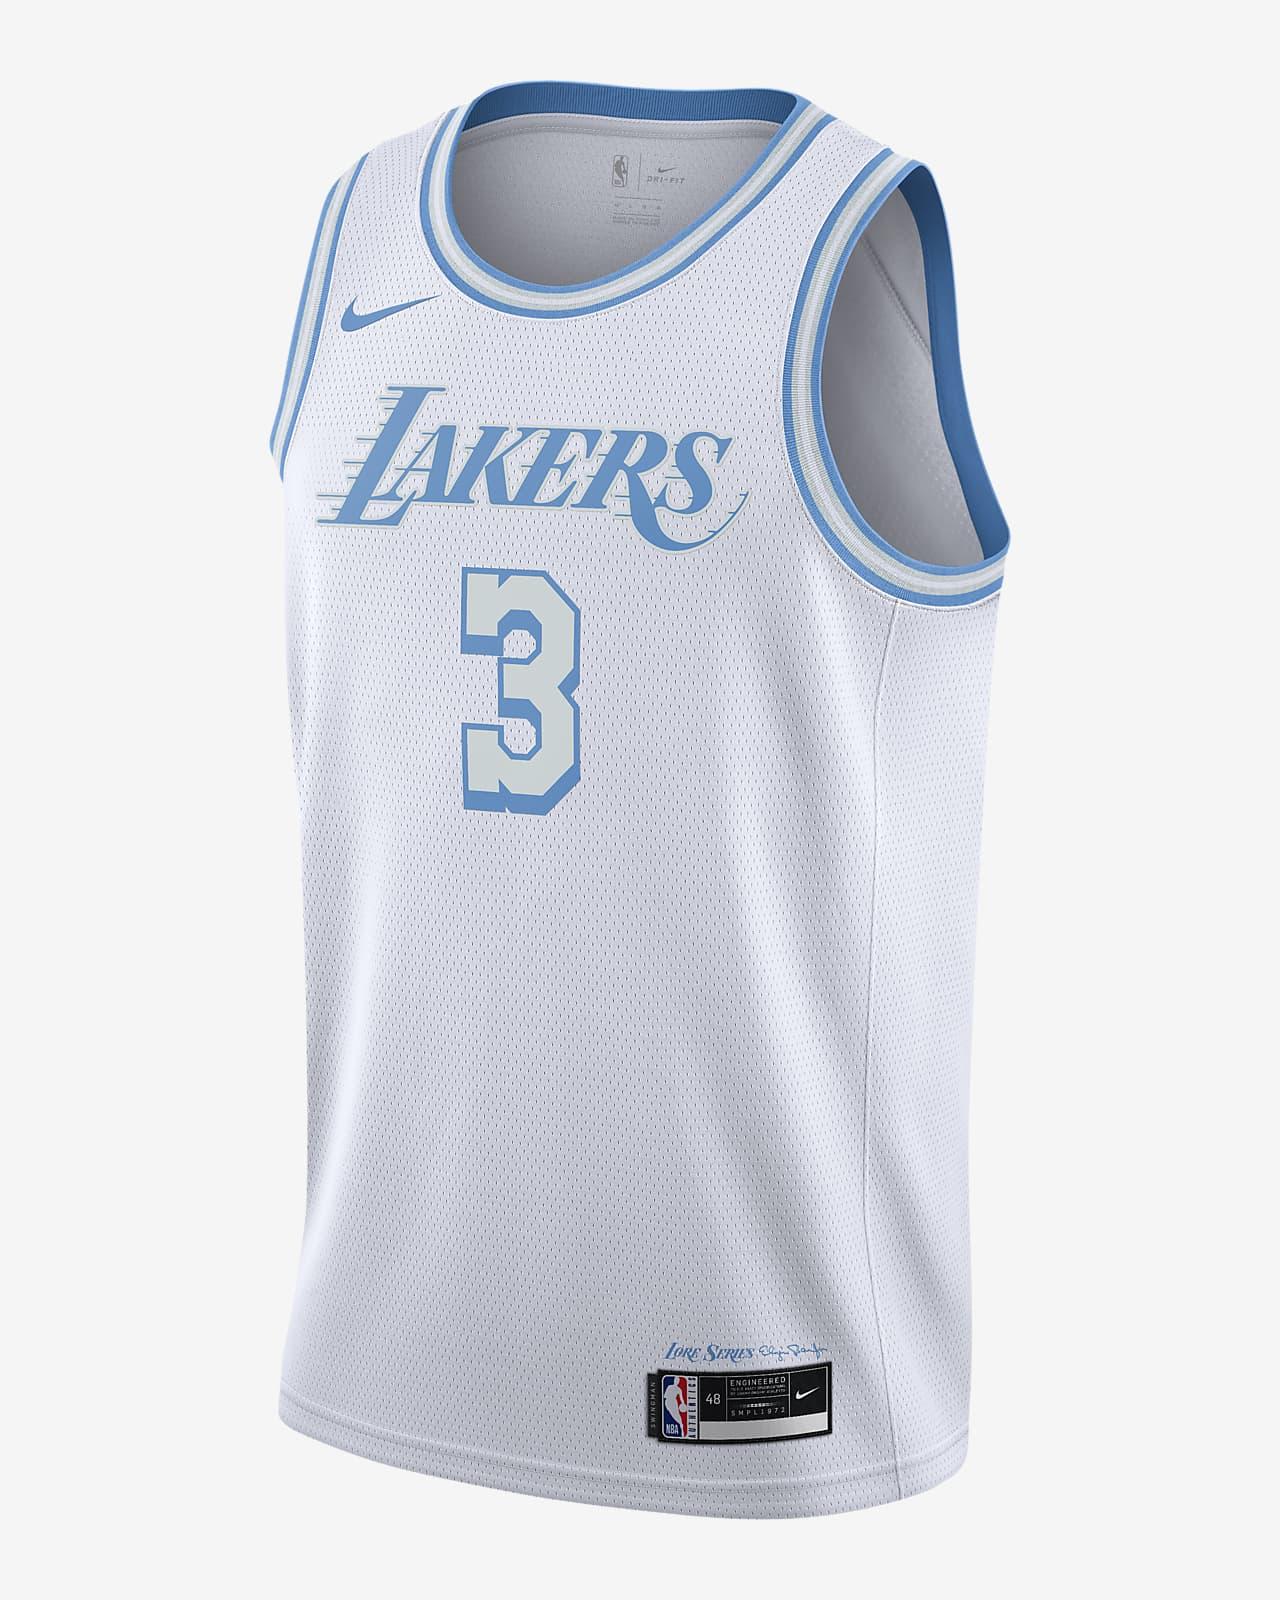 Monumental Especial como el desayuno  Camiseta Nike NBA Swingman Los Angeles Lakers City Edition. Nike.com